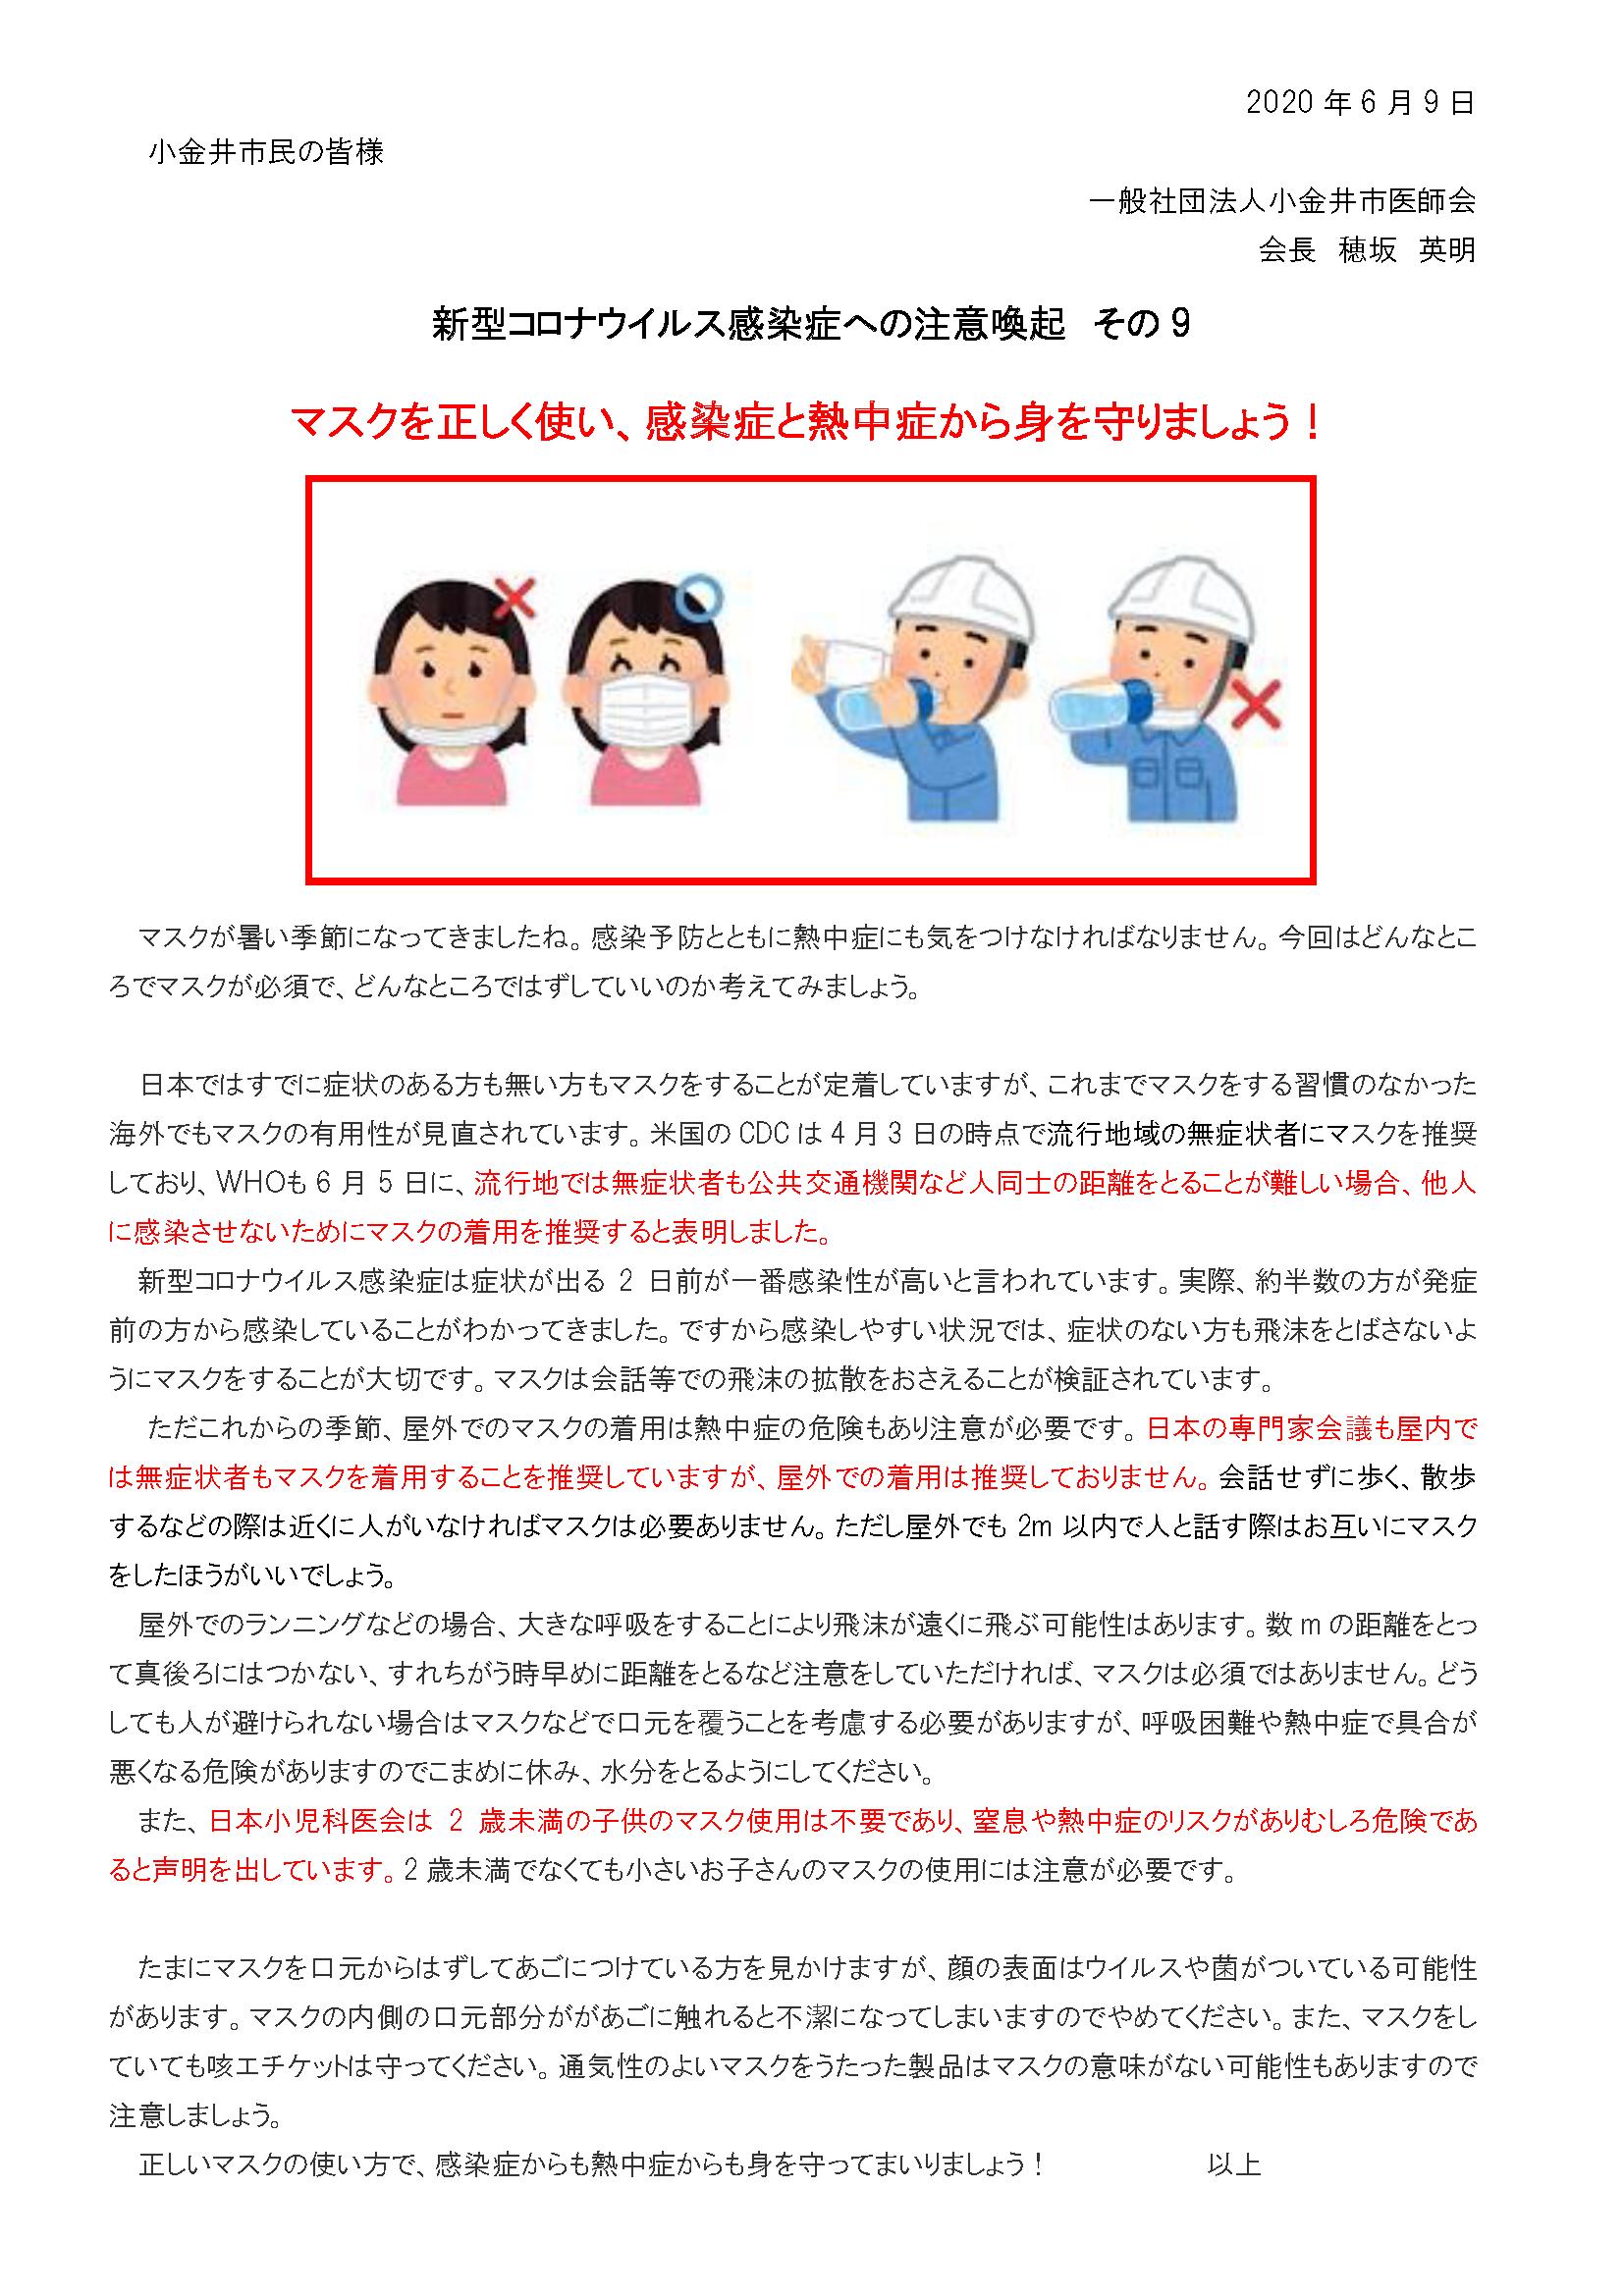 新型コロナウイルス感染症への注意喚起その9